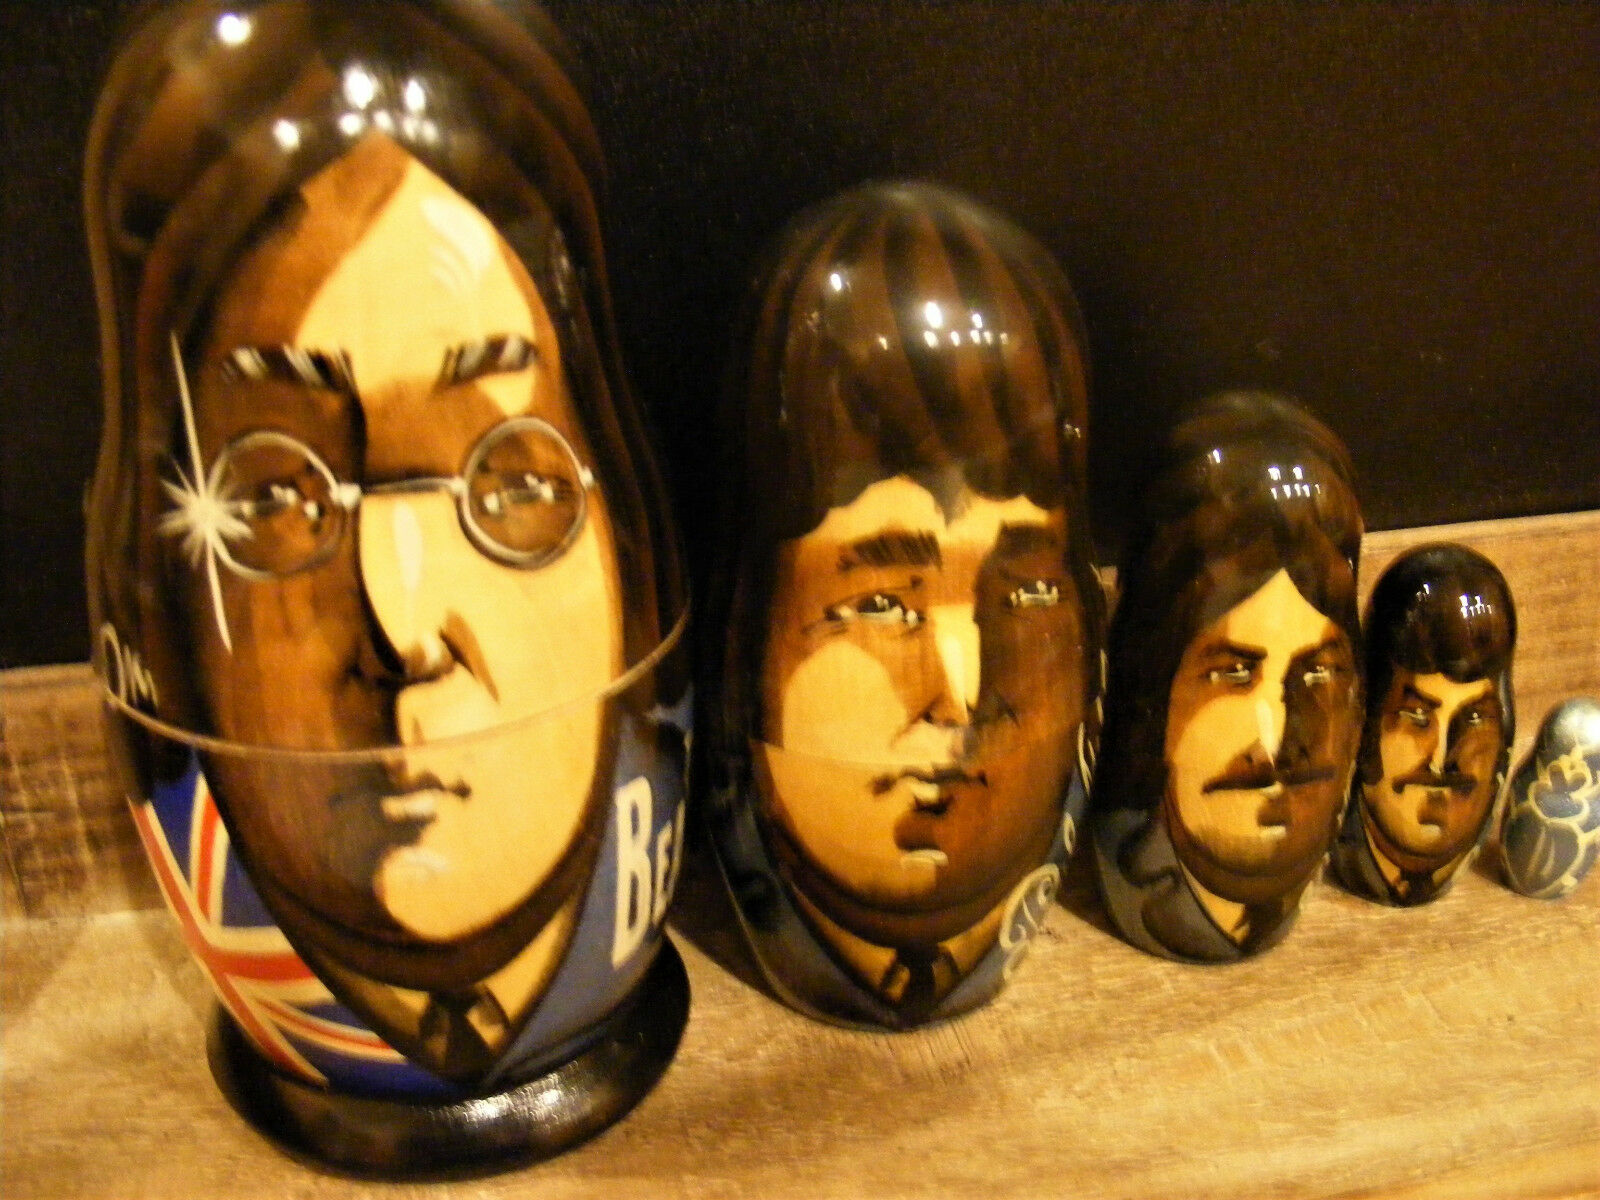 The Beatles 5p en bois Russe Nesting dolls matreshka John lennin Paul McCartney